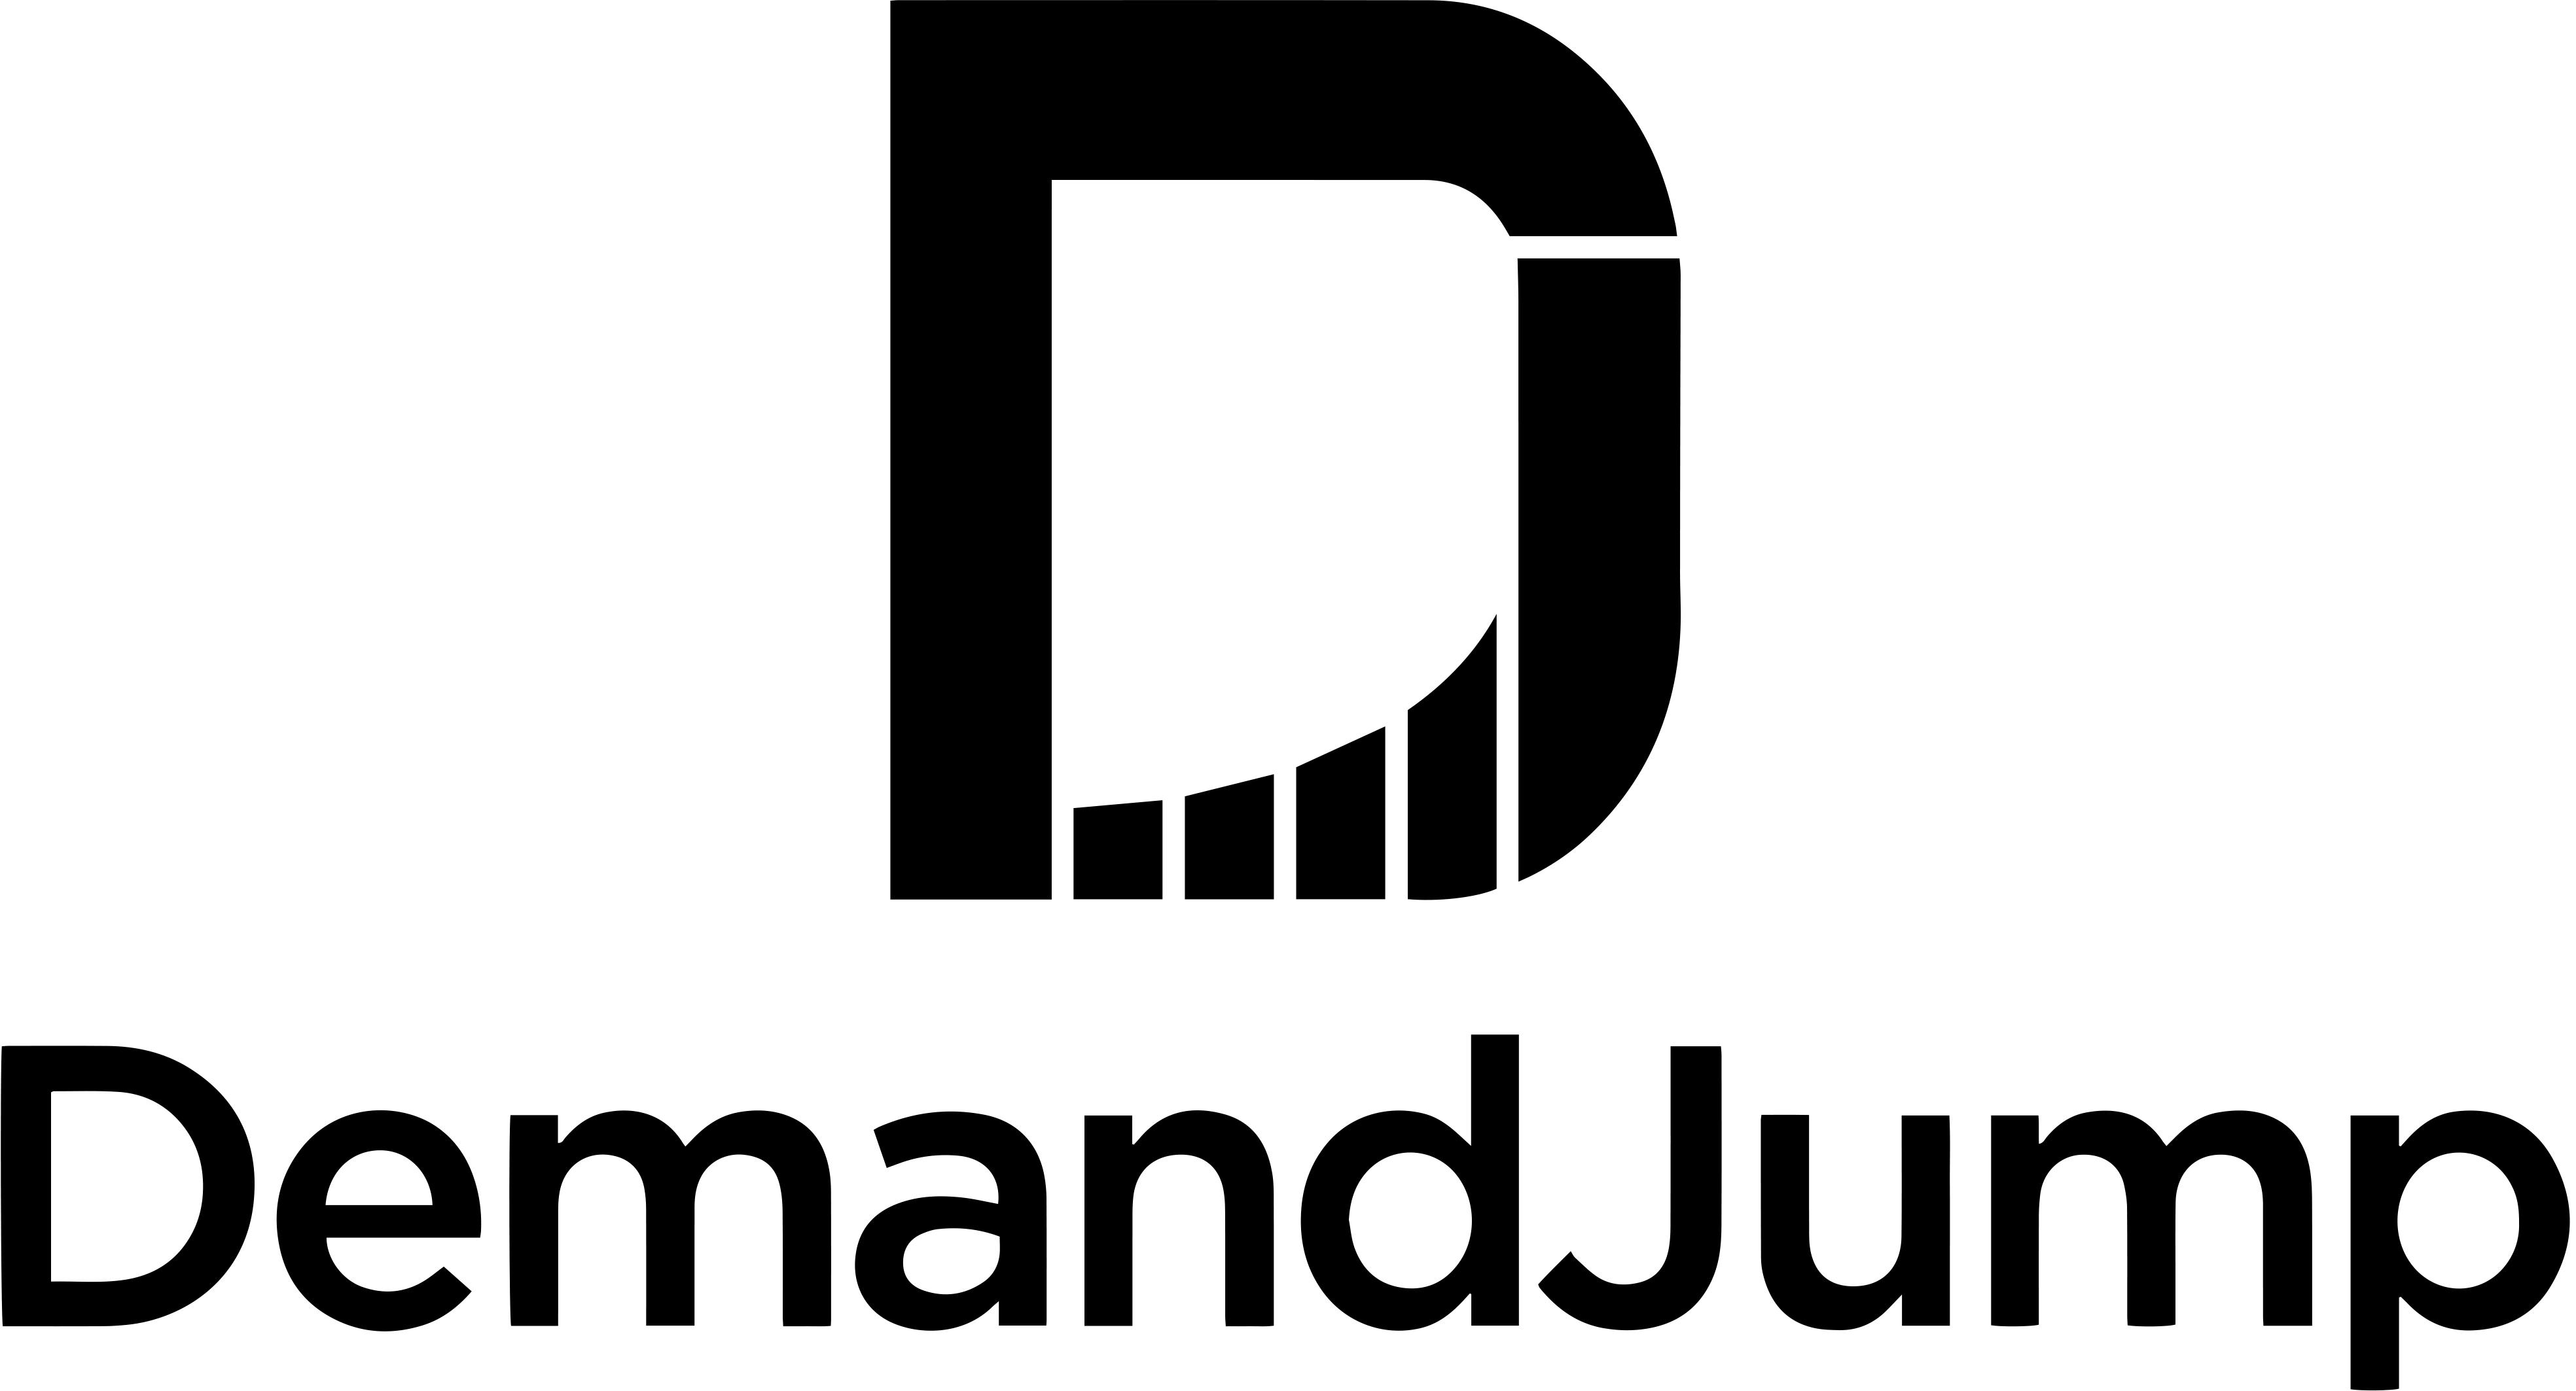 DemandJump-Vertical-Black400x220.png